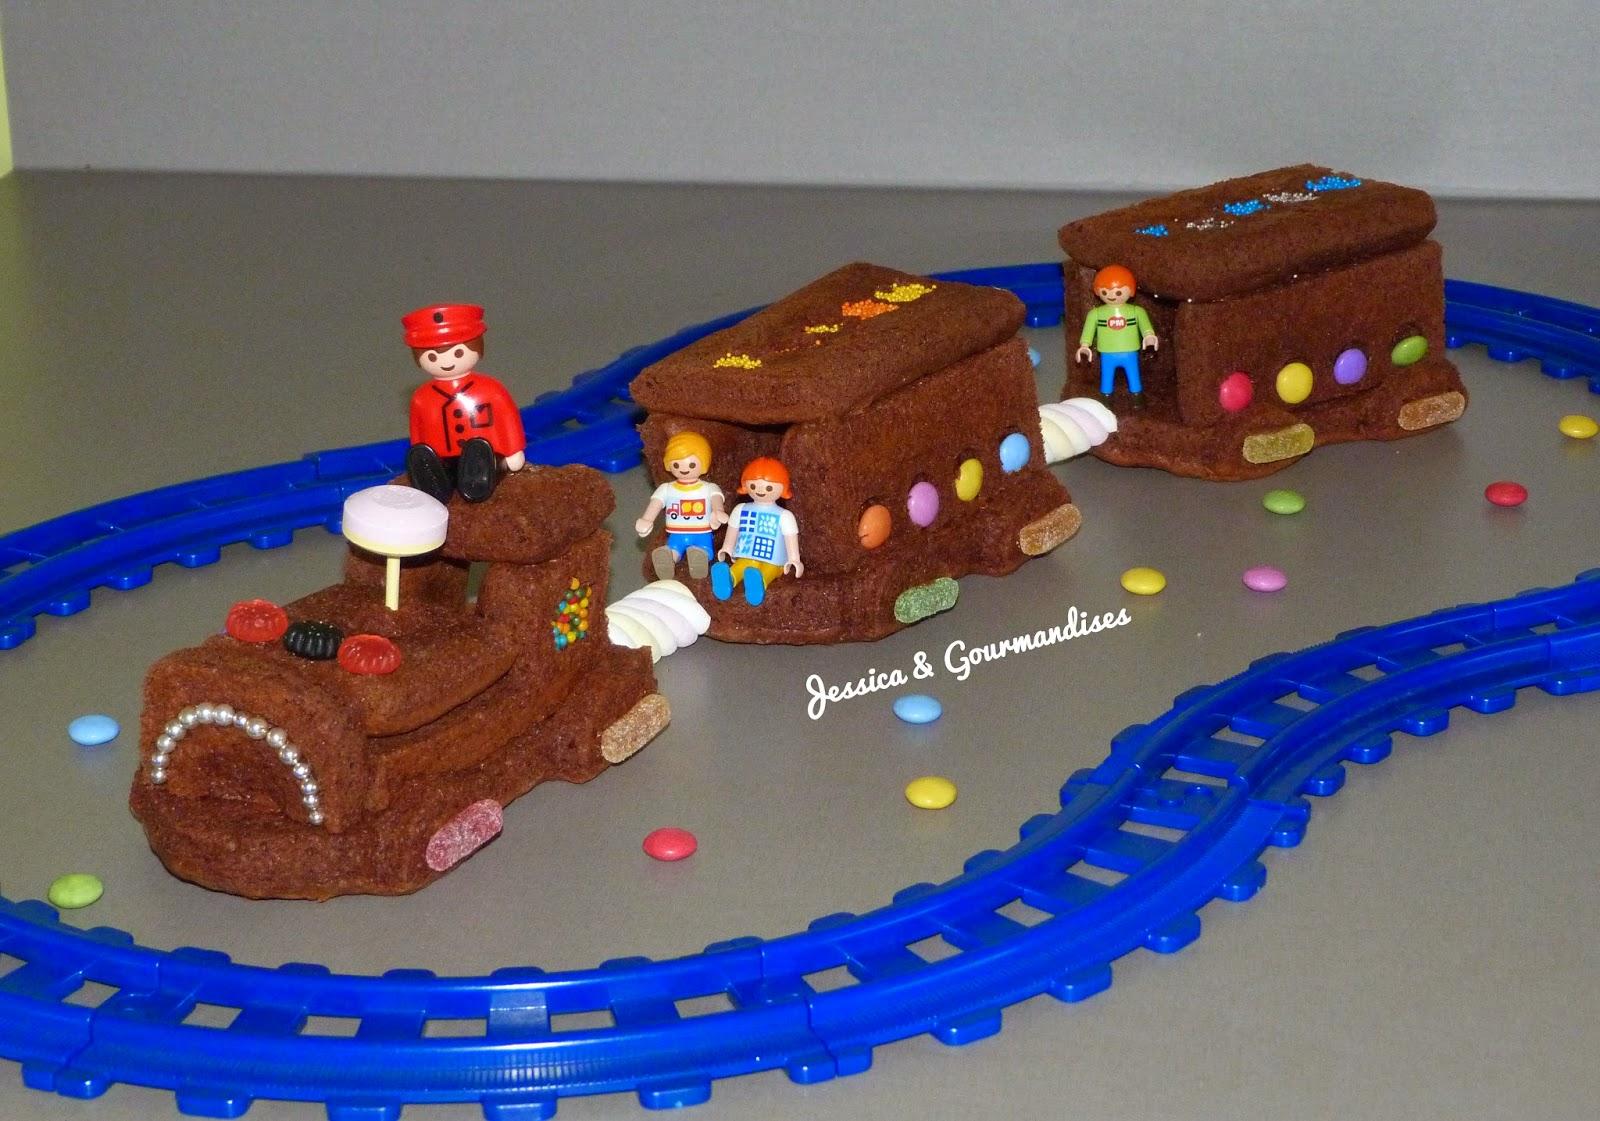 Souvent Jessica & Gourmandises: Gâteau train 3D GS01